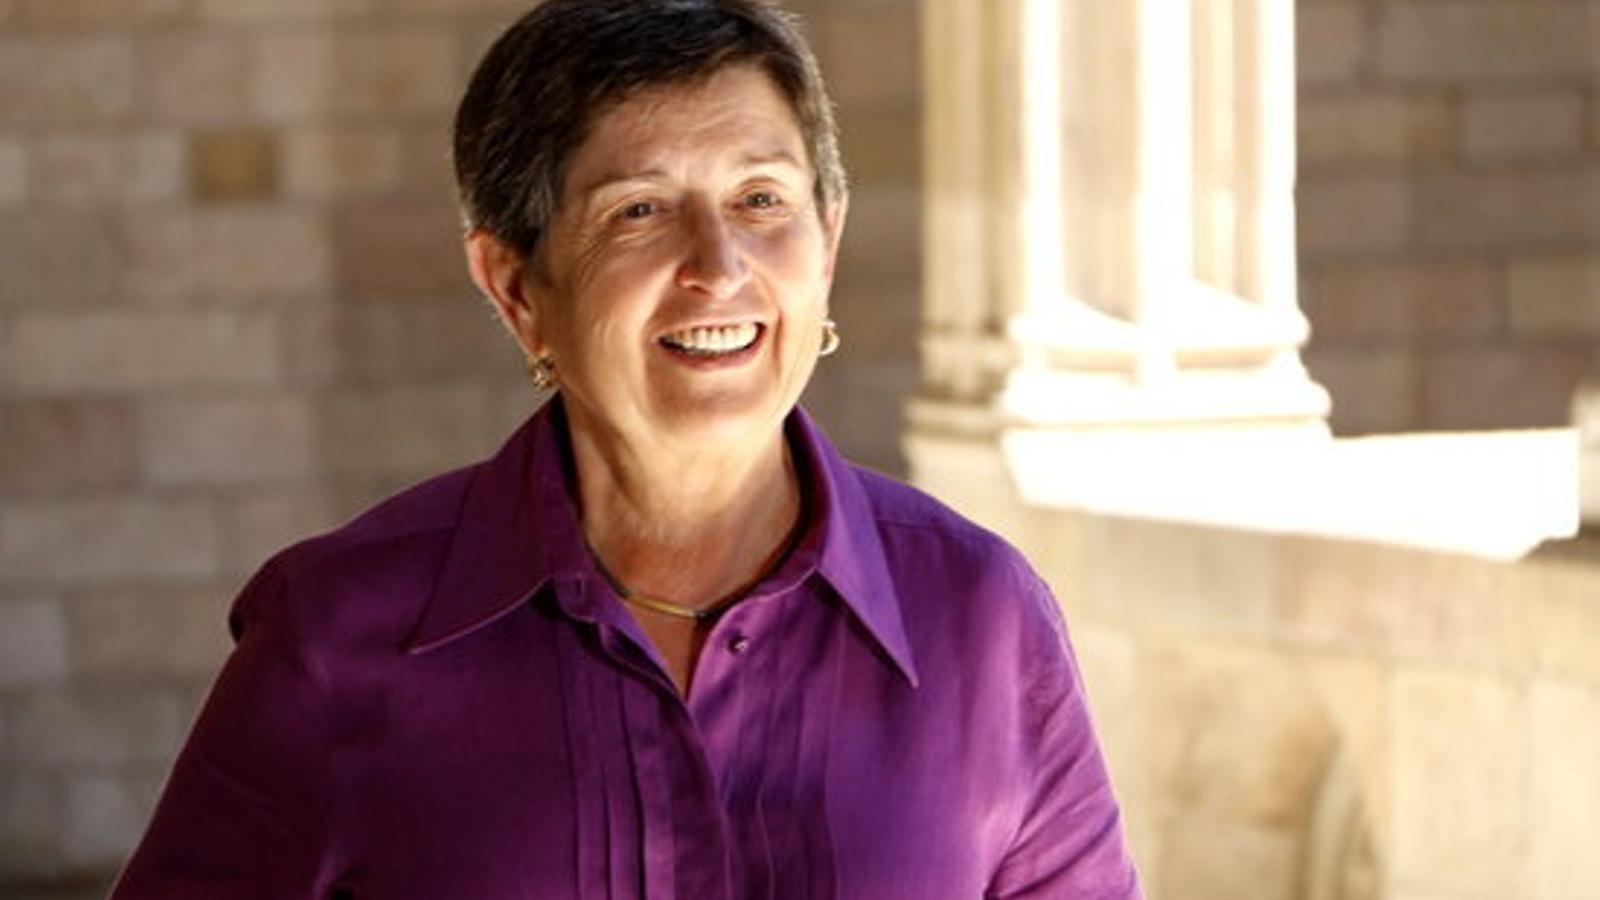 La delegada del govern espanyol a Catalunya, Teresa Cunillera, en una imatge d'arxiu